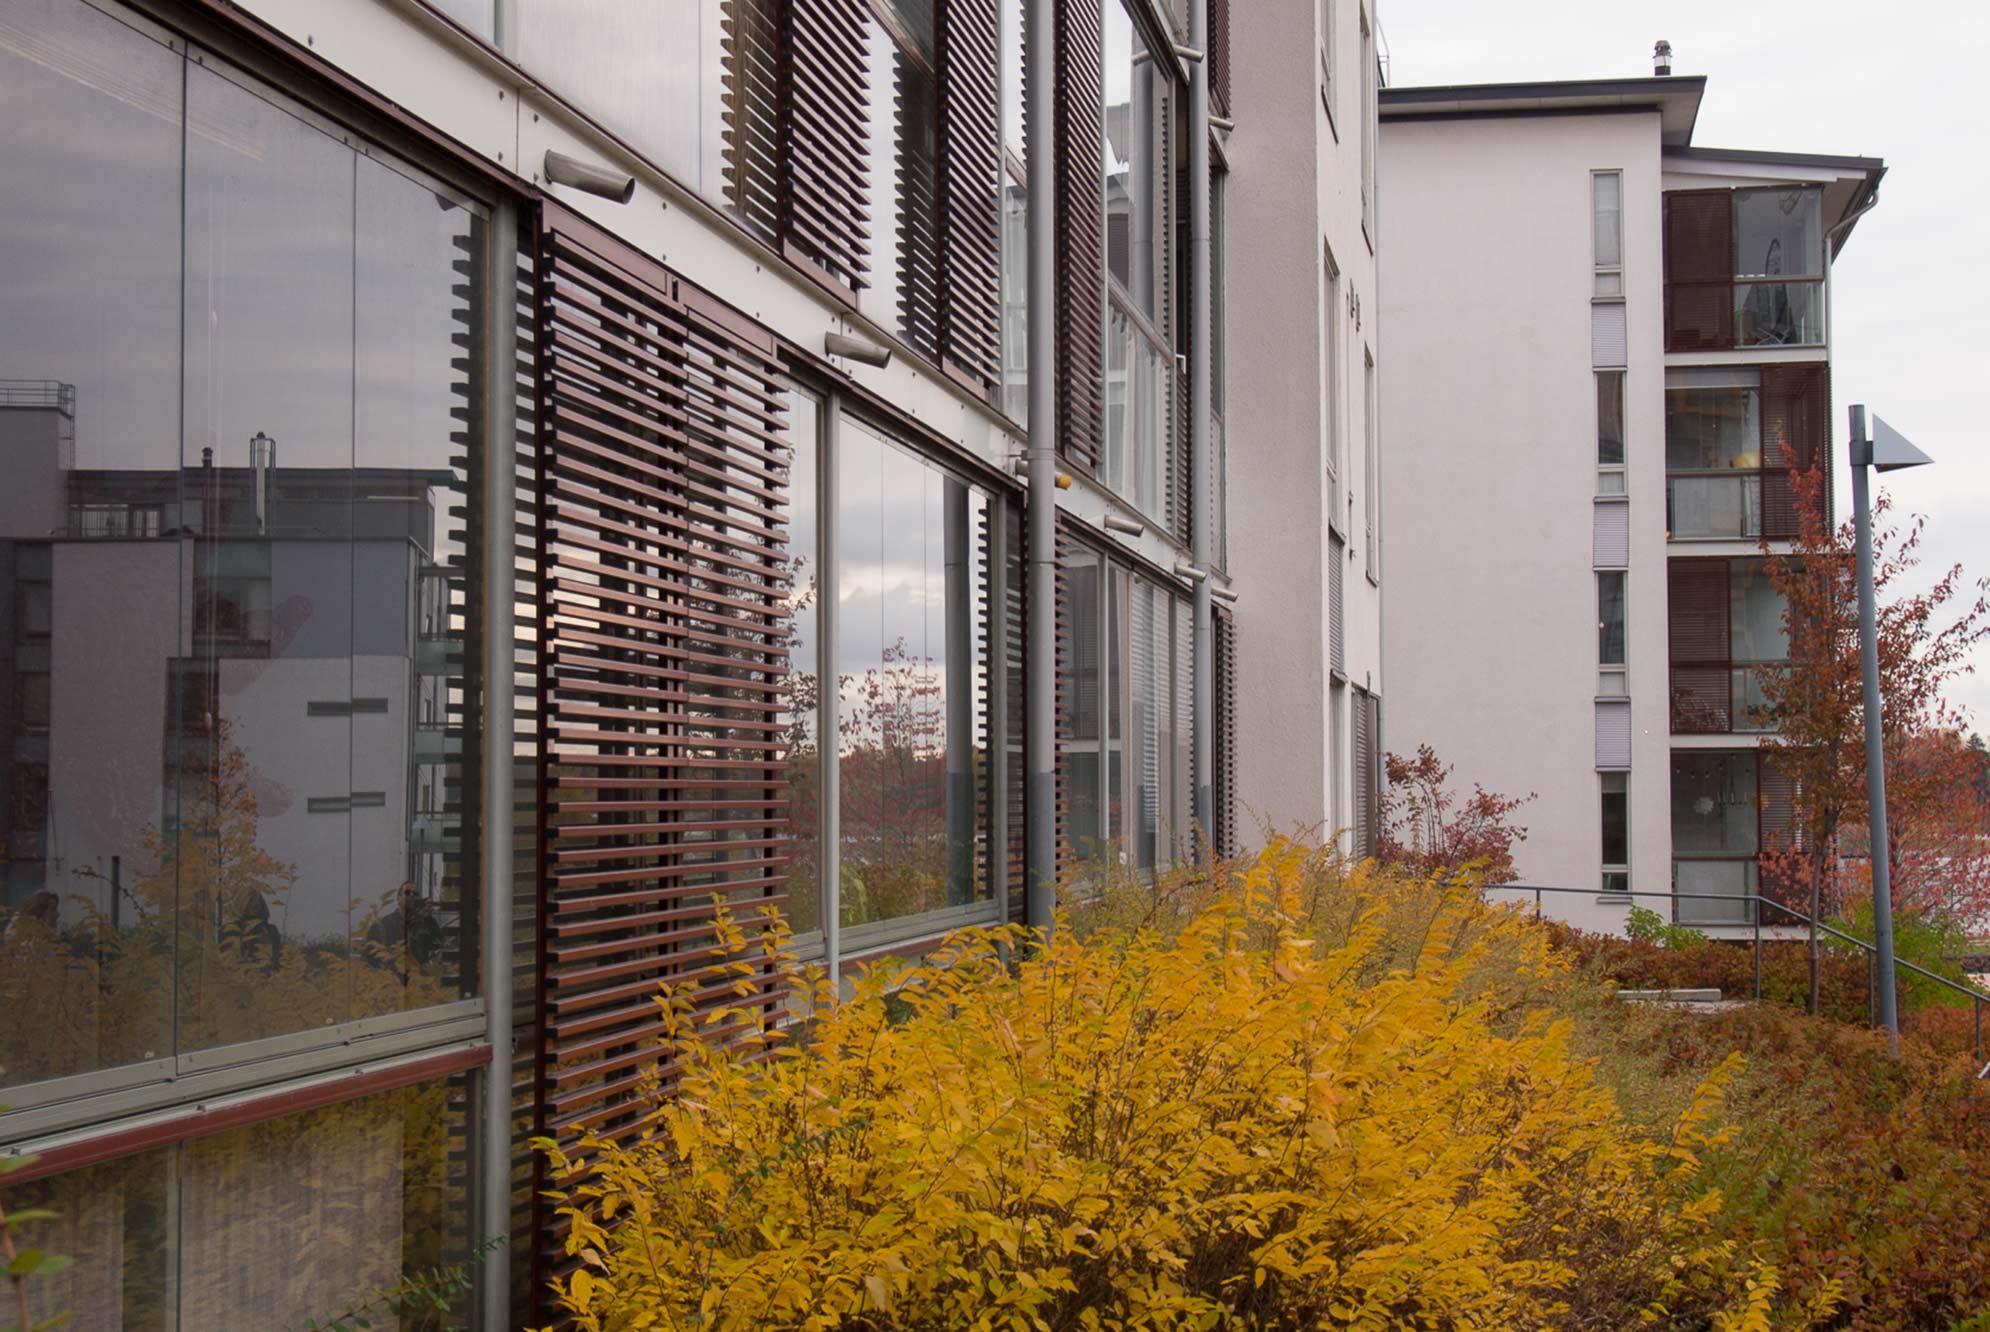 edificios-acristalados-Lumon-norte-europa-9